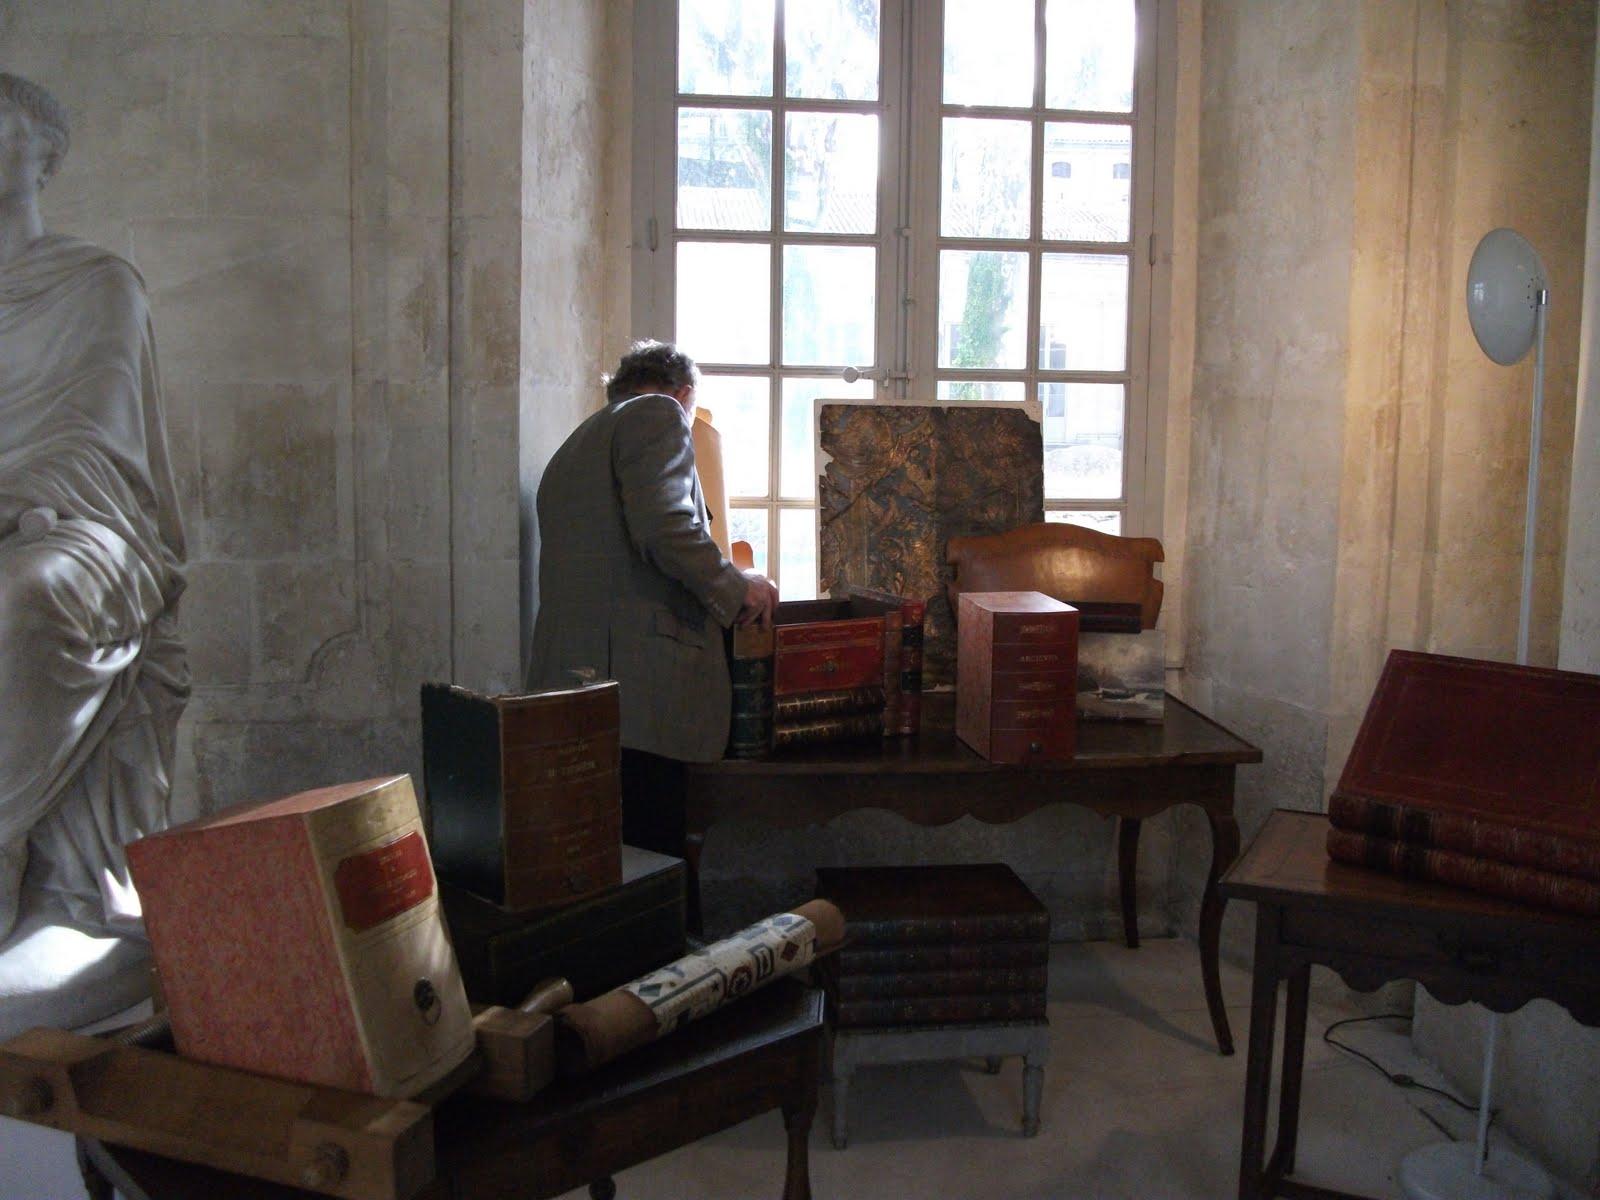 les amis du mus e calvet journ es du patrimoine 2010 photos de romain. Black Bedroom Furniture Sets. Home Design Ideas